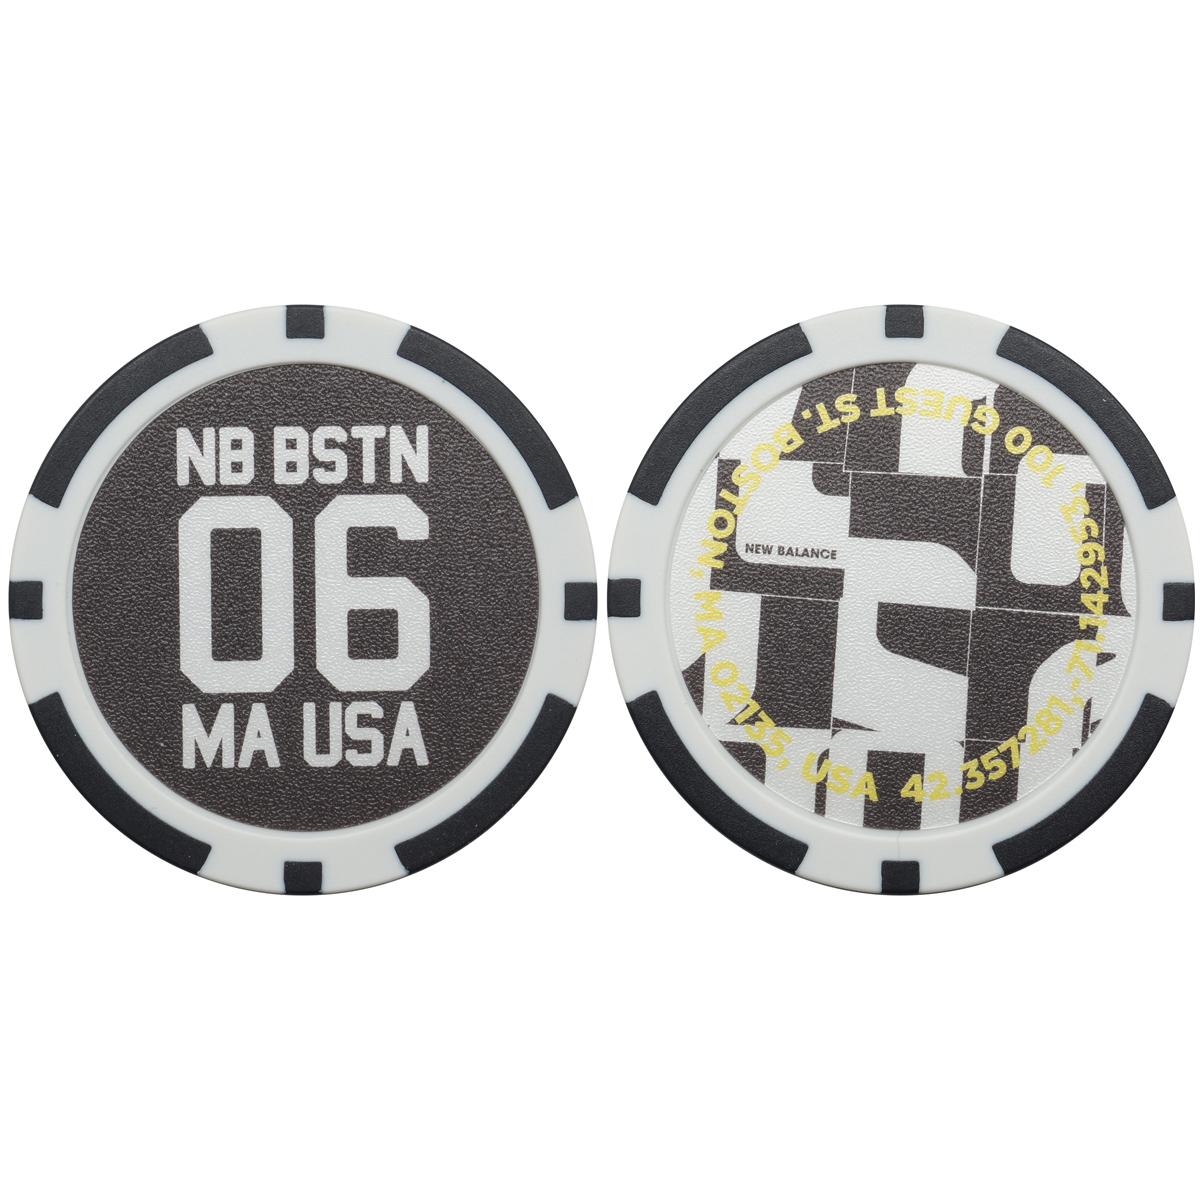 METRO モンタージュプリント×ロゴ カジノマーカー